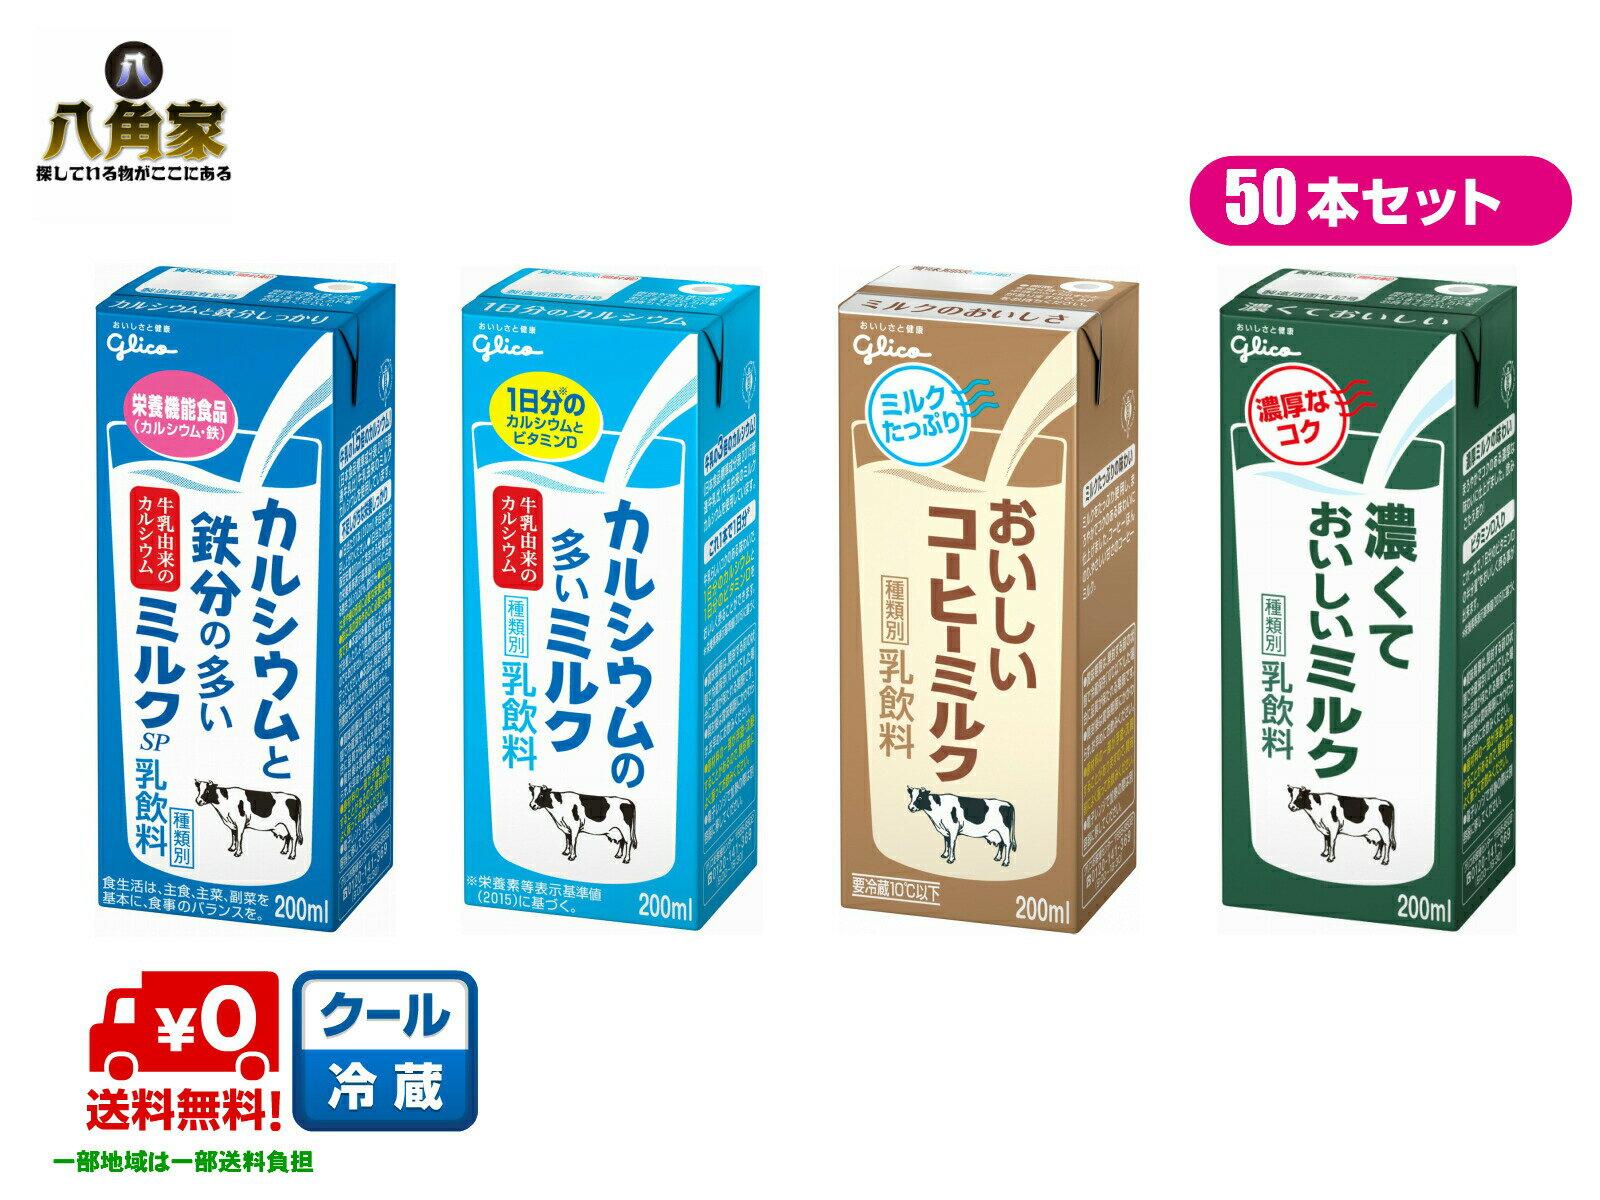 【一部地域送料無料】グリコ 人気乳飲料おいしいミルクシリーズ200ml×48本+2本 4品好きな商品を選べるセット 55セット限定 クール便対応【楽天ラッキーシール対応】